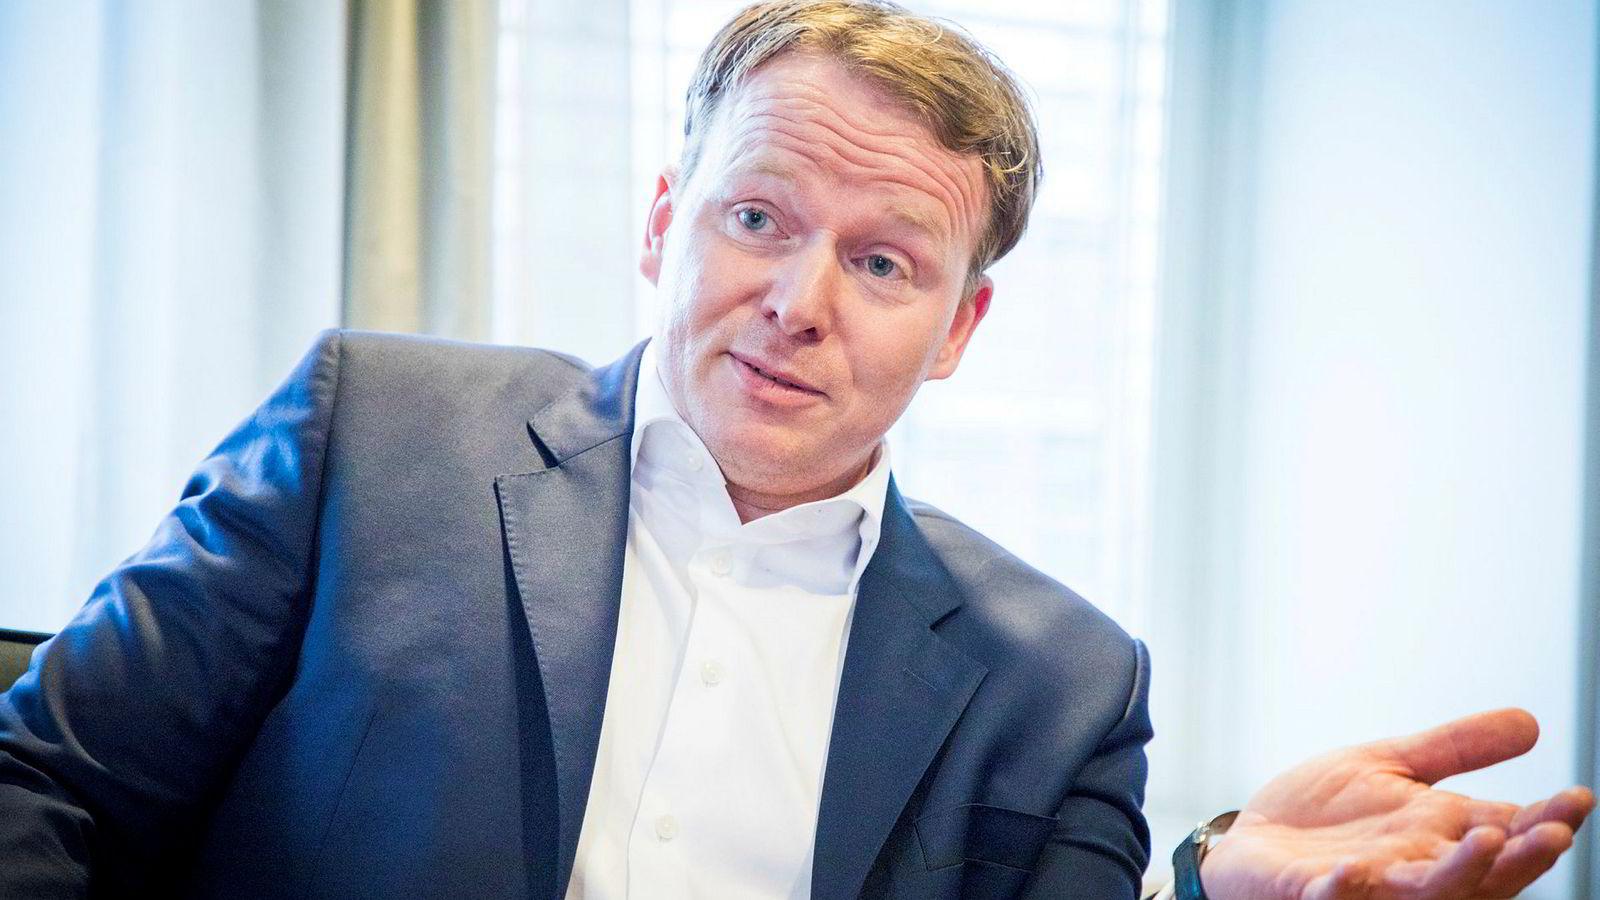 Analysesjef Lars-Daniel Westby i Sparebank 1 Markets tror Norwegian klarer å overholde lånevilkårene når året går mot slutten.